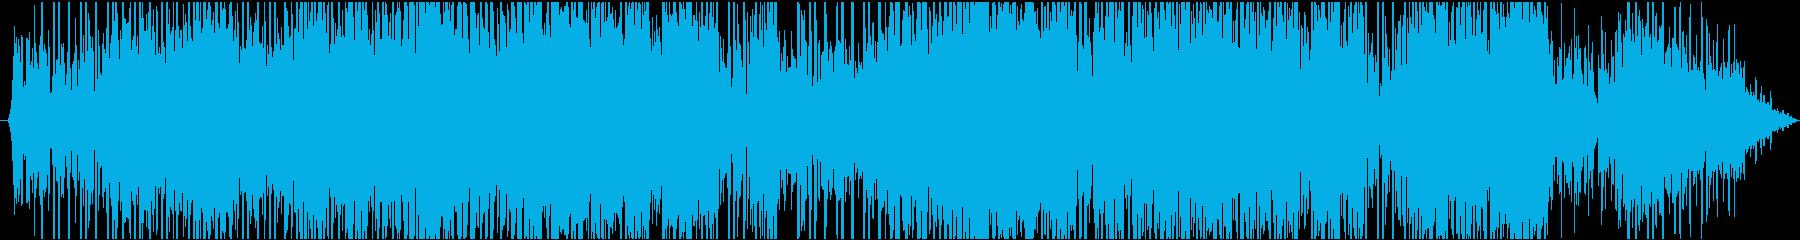 勢いがインパクトあるメロディーの再生済みの波形